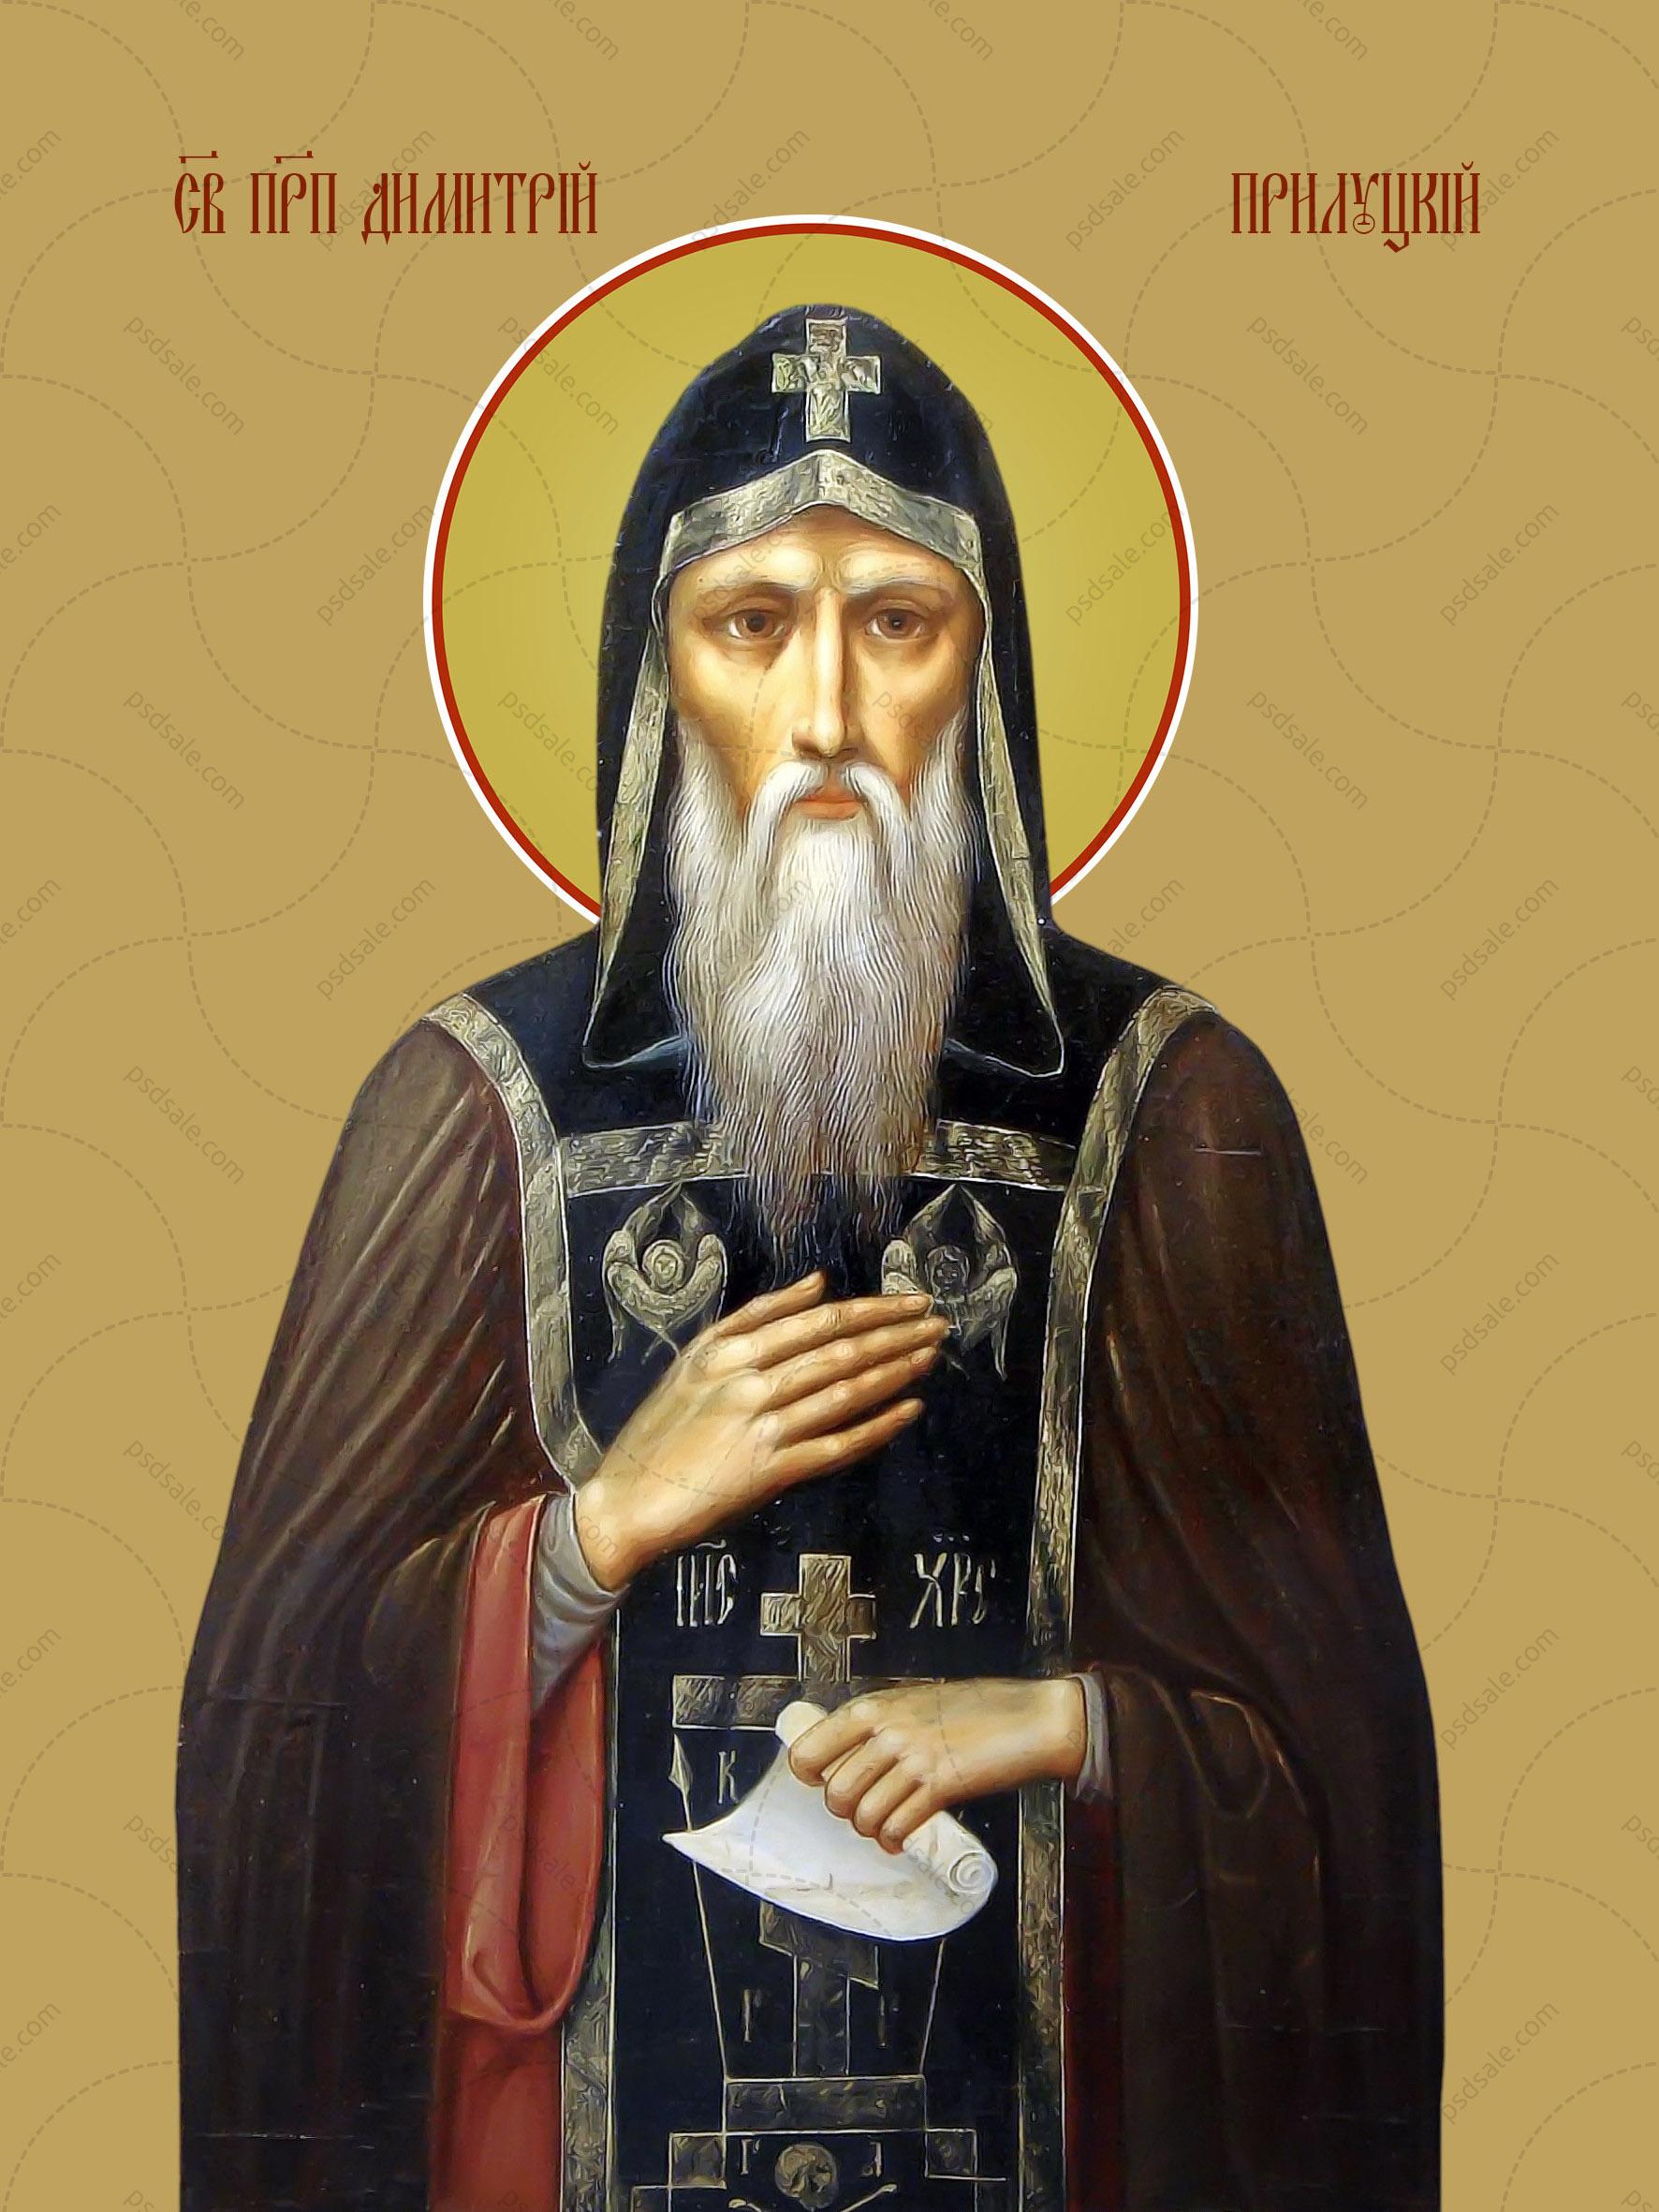 Димитрий Прилуцкий, преподобный